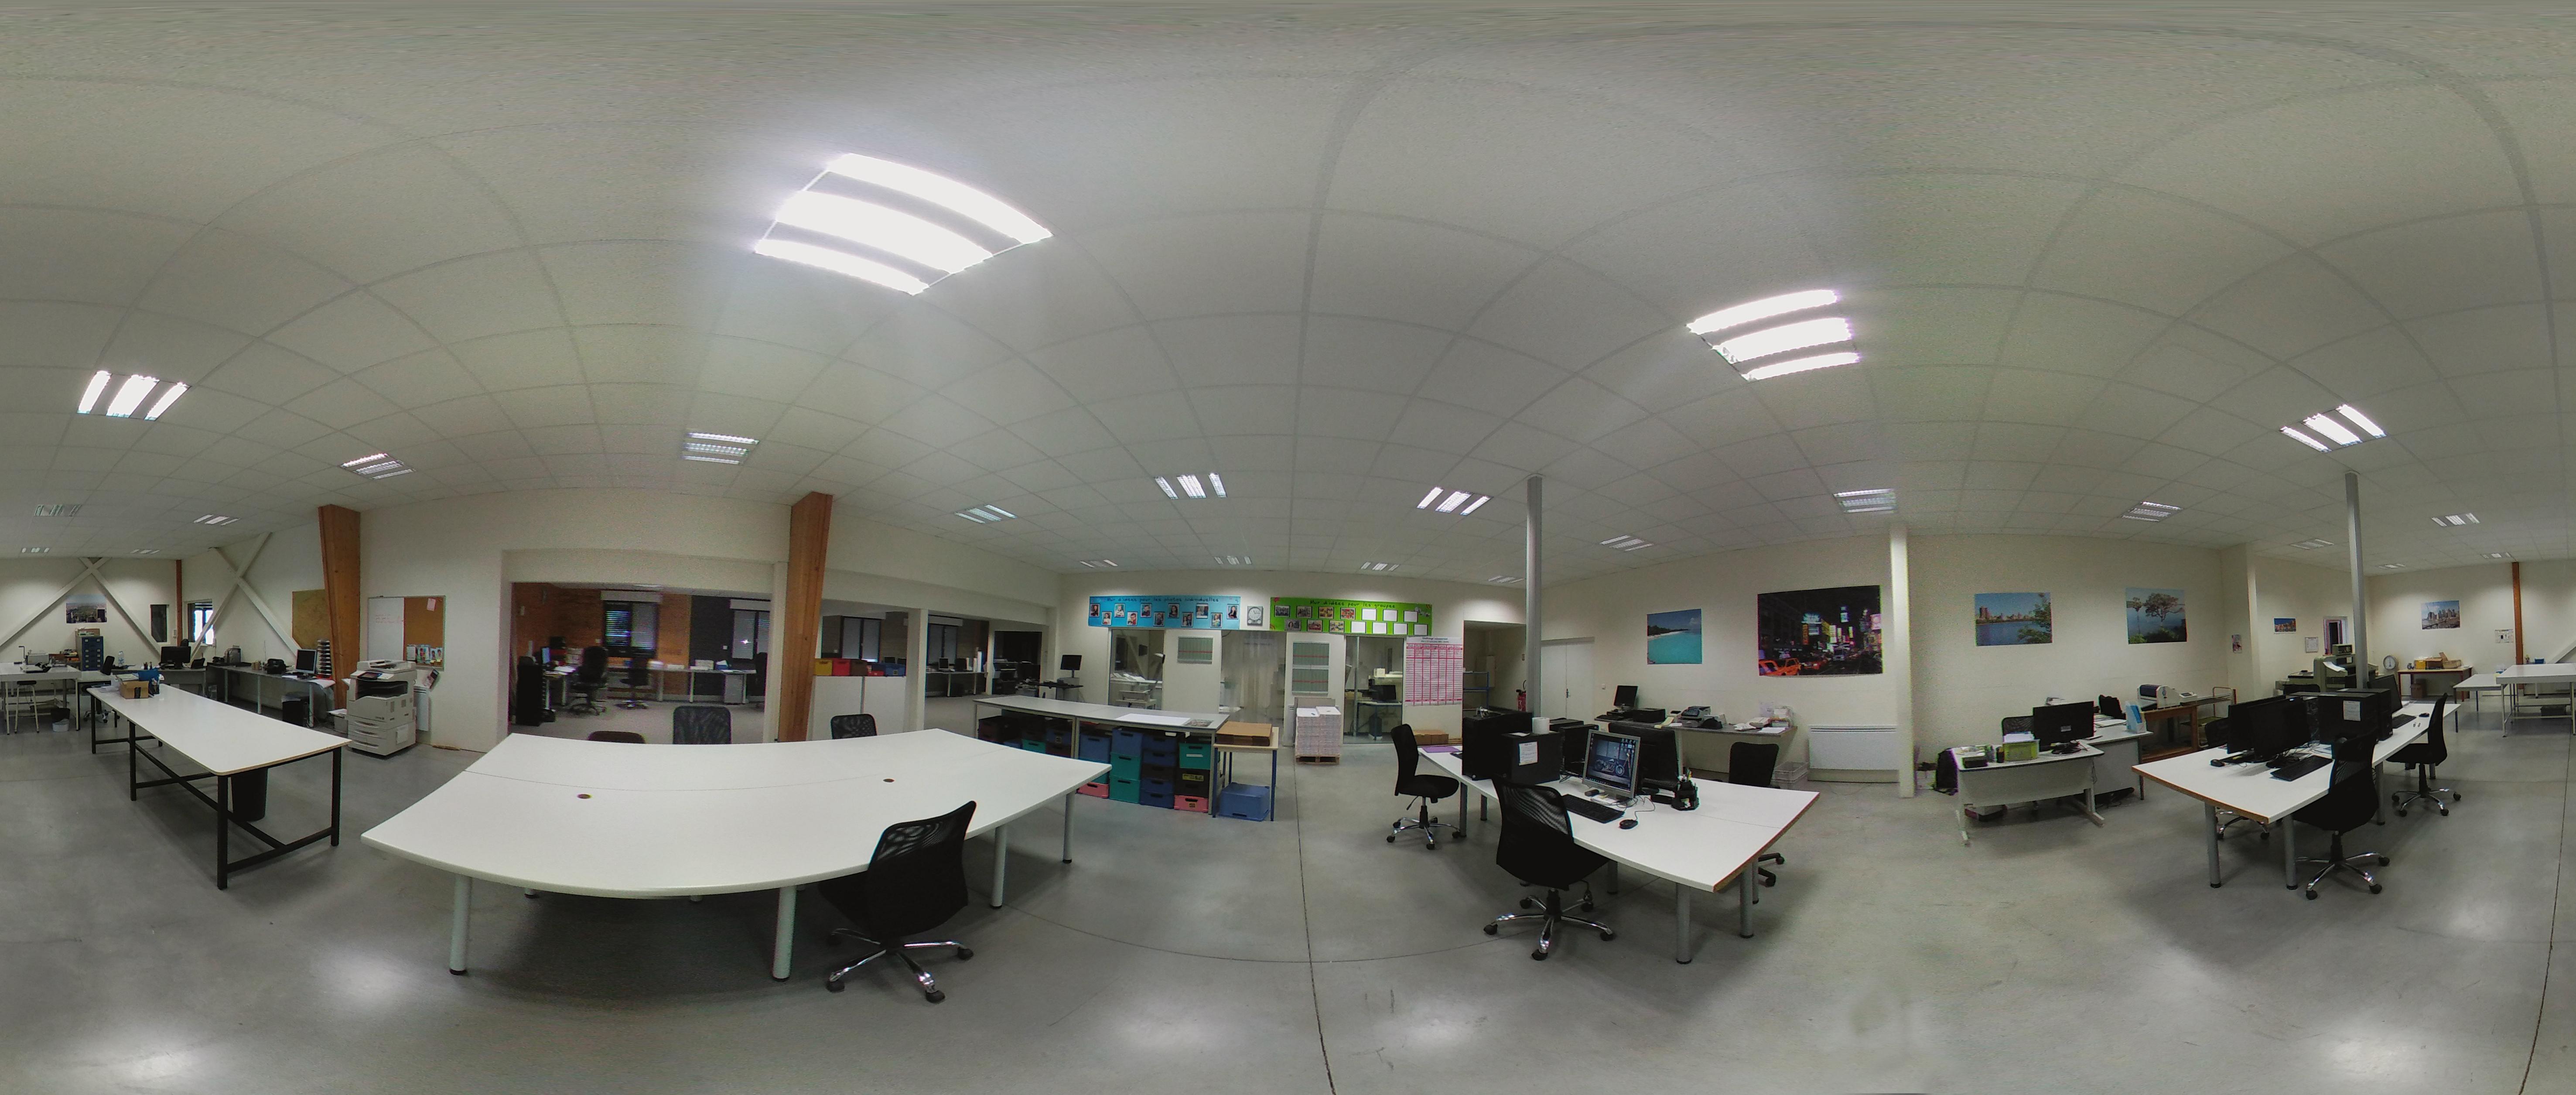 notre laboratoire